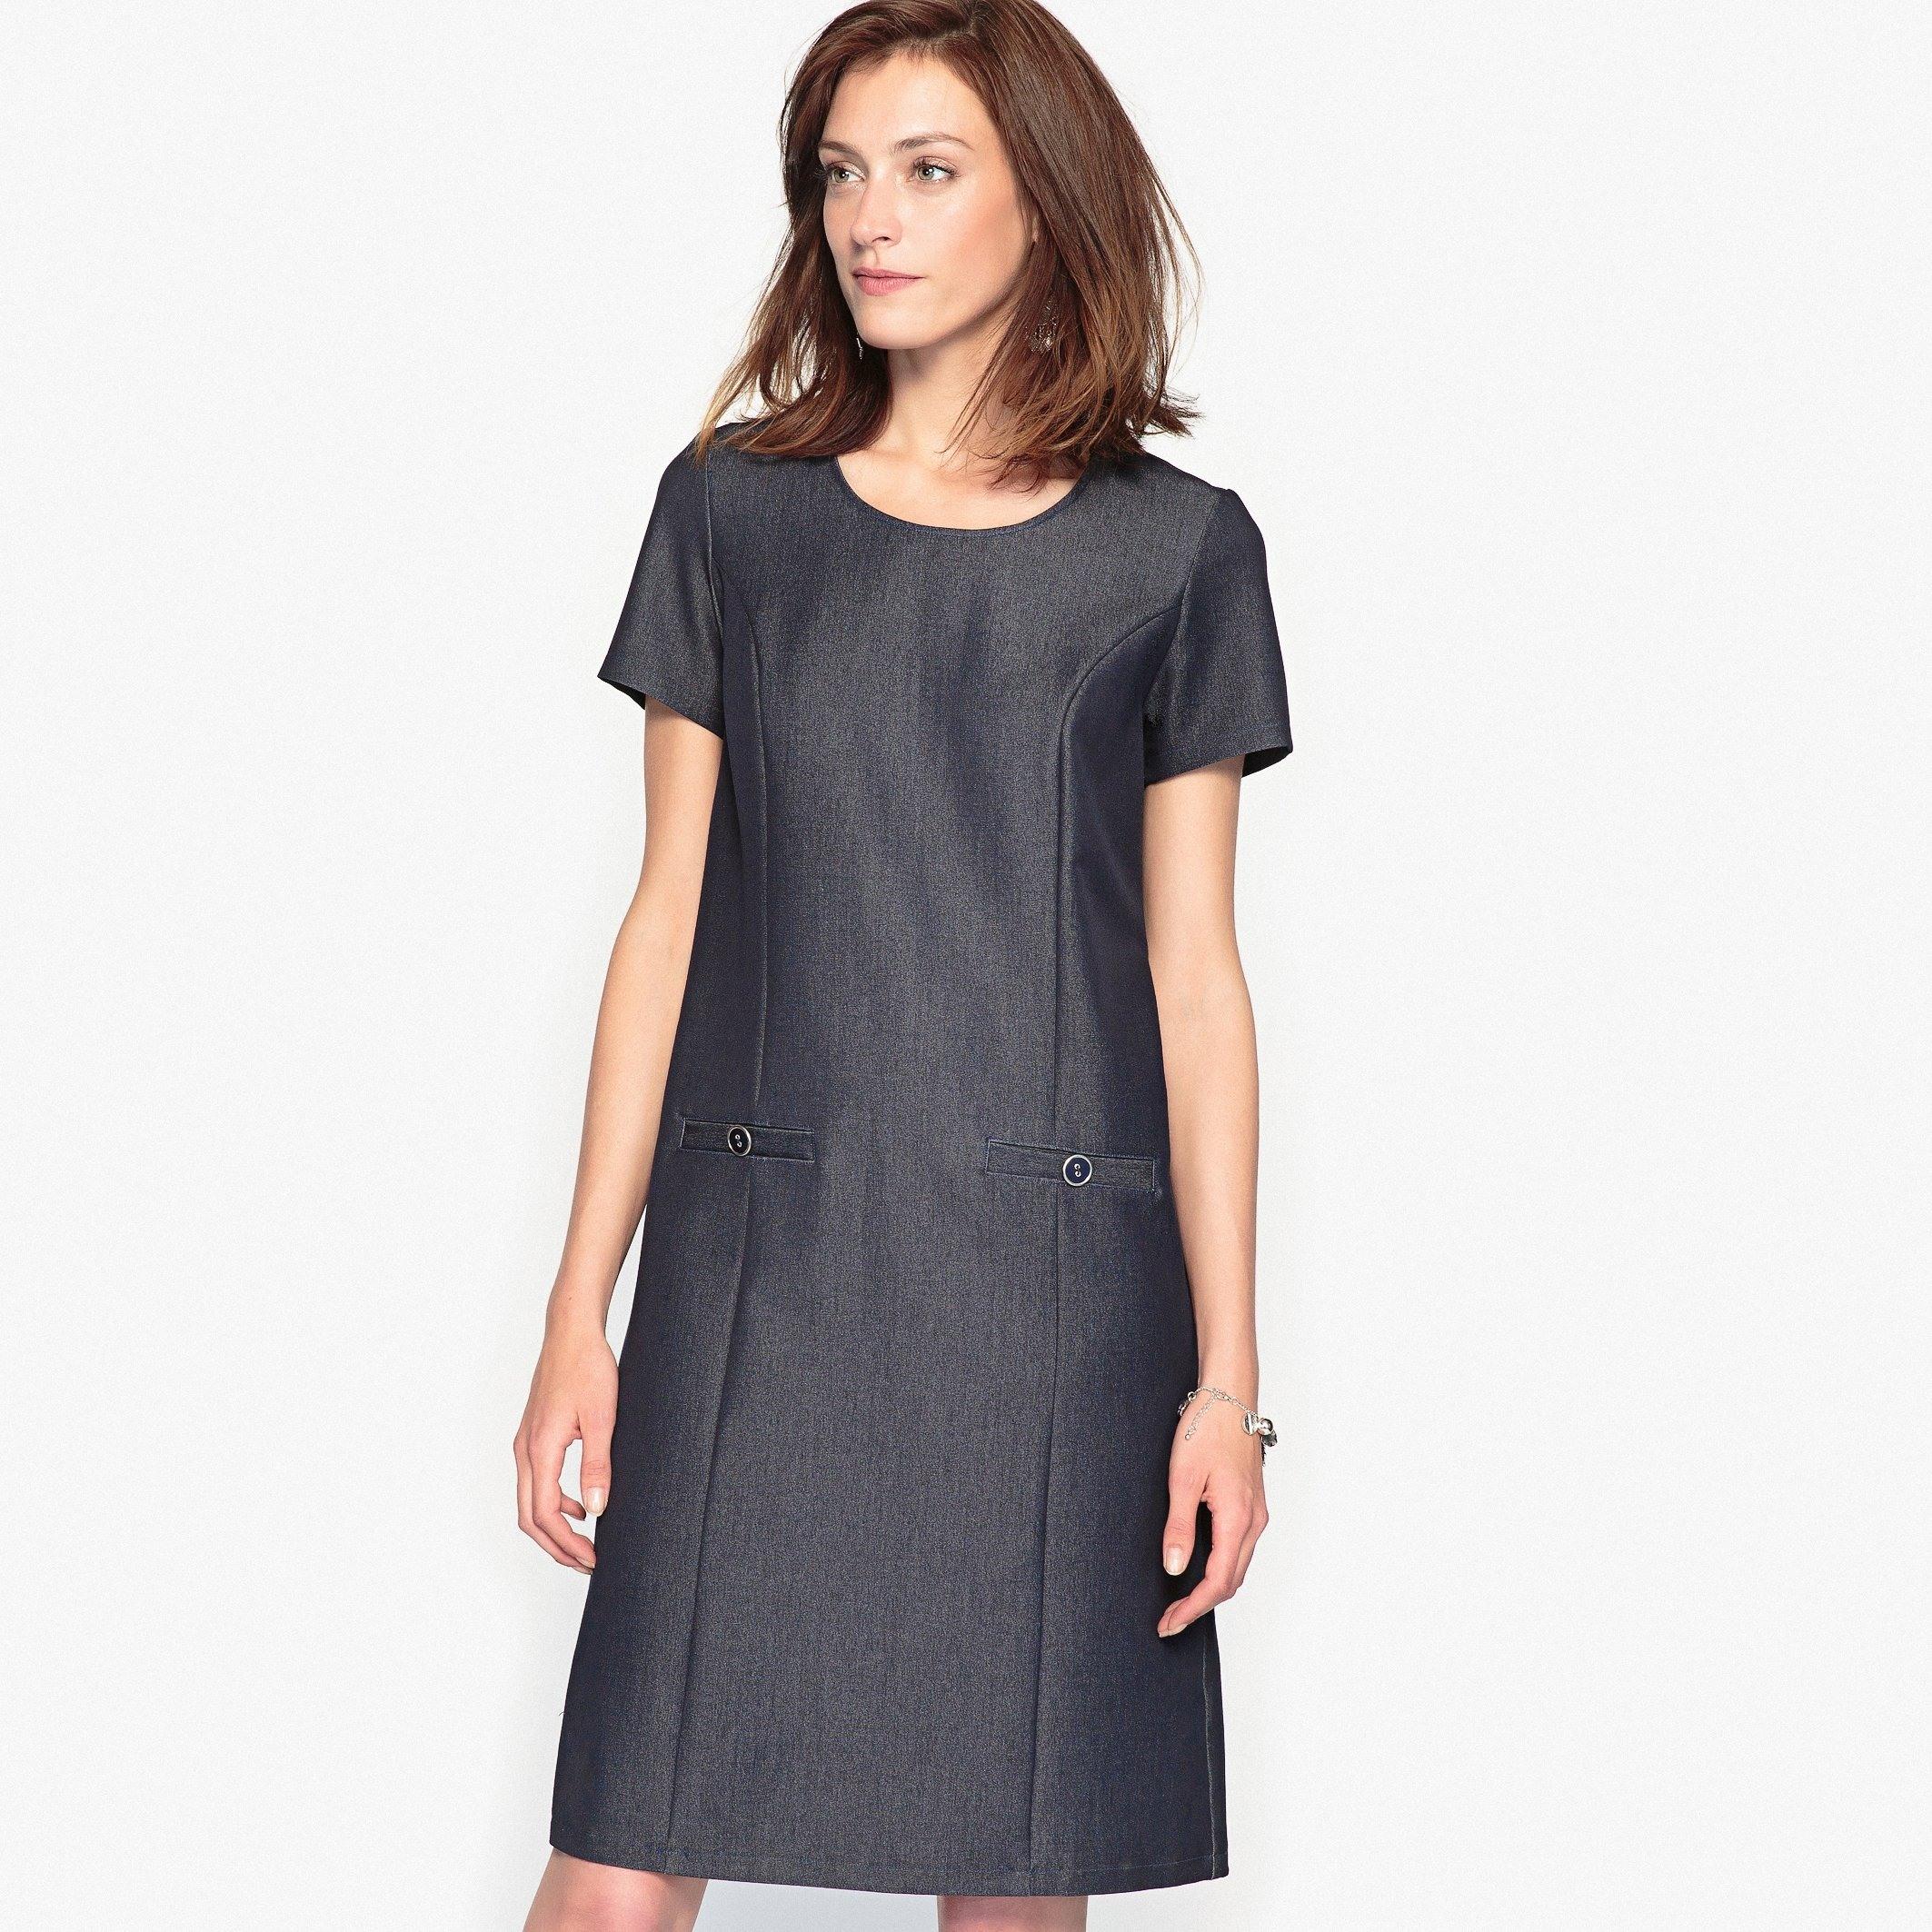 Abend Fantastisch Schicke Kleider Damen Design20 Spektakulär Schicke Kleider Damen für 2019